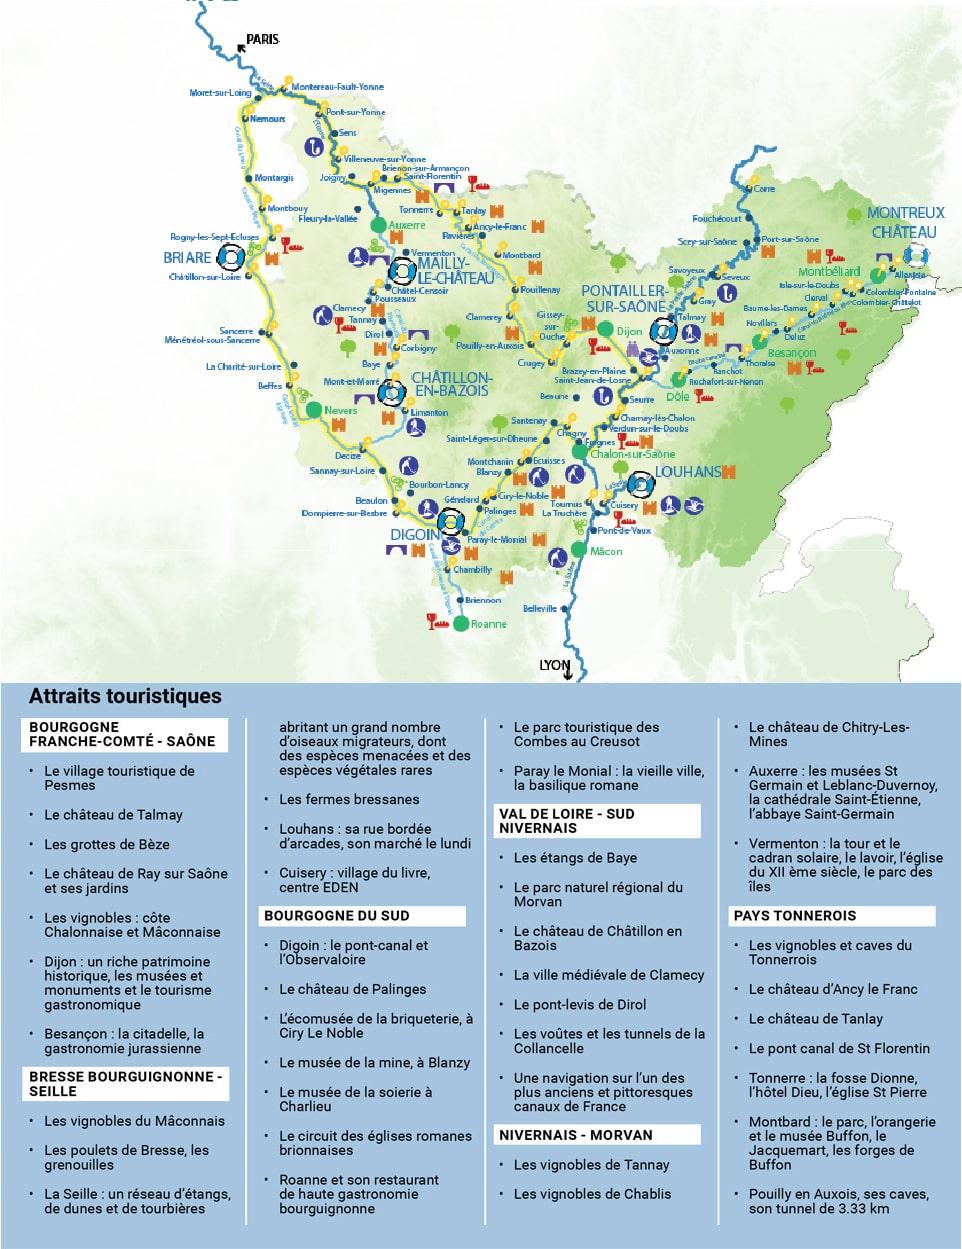 Attraits touristiques Nivernais Loire